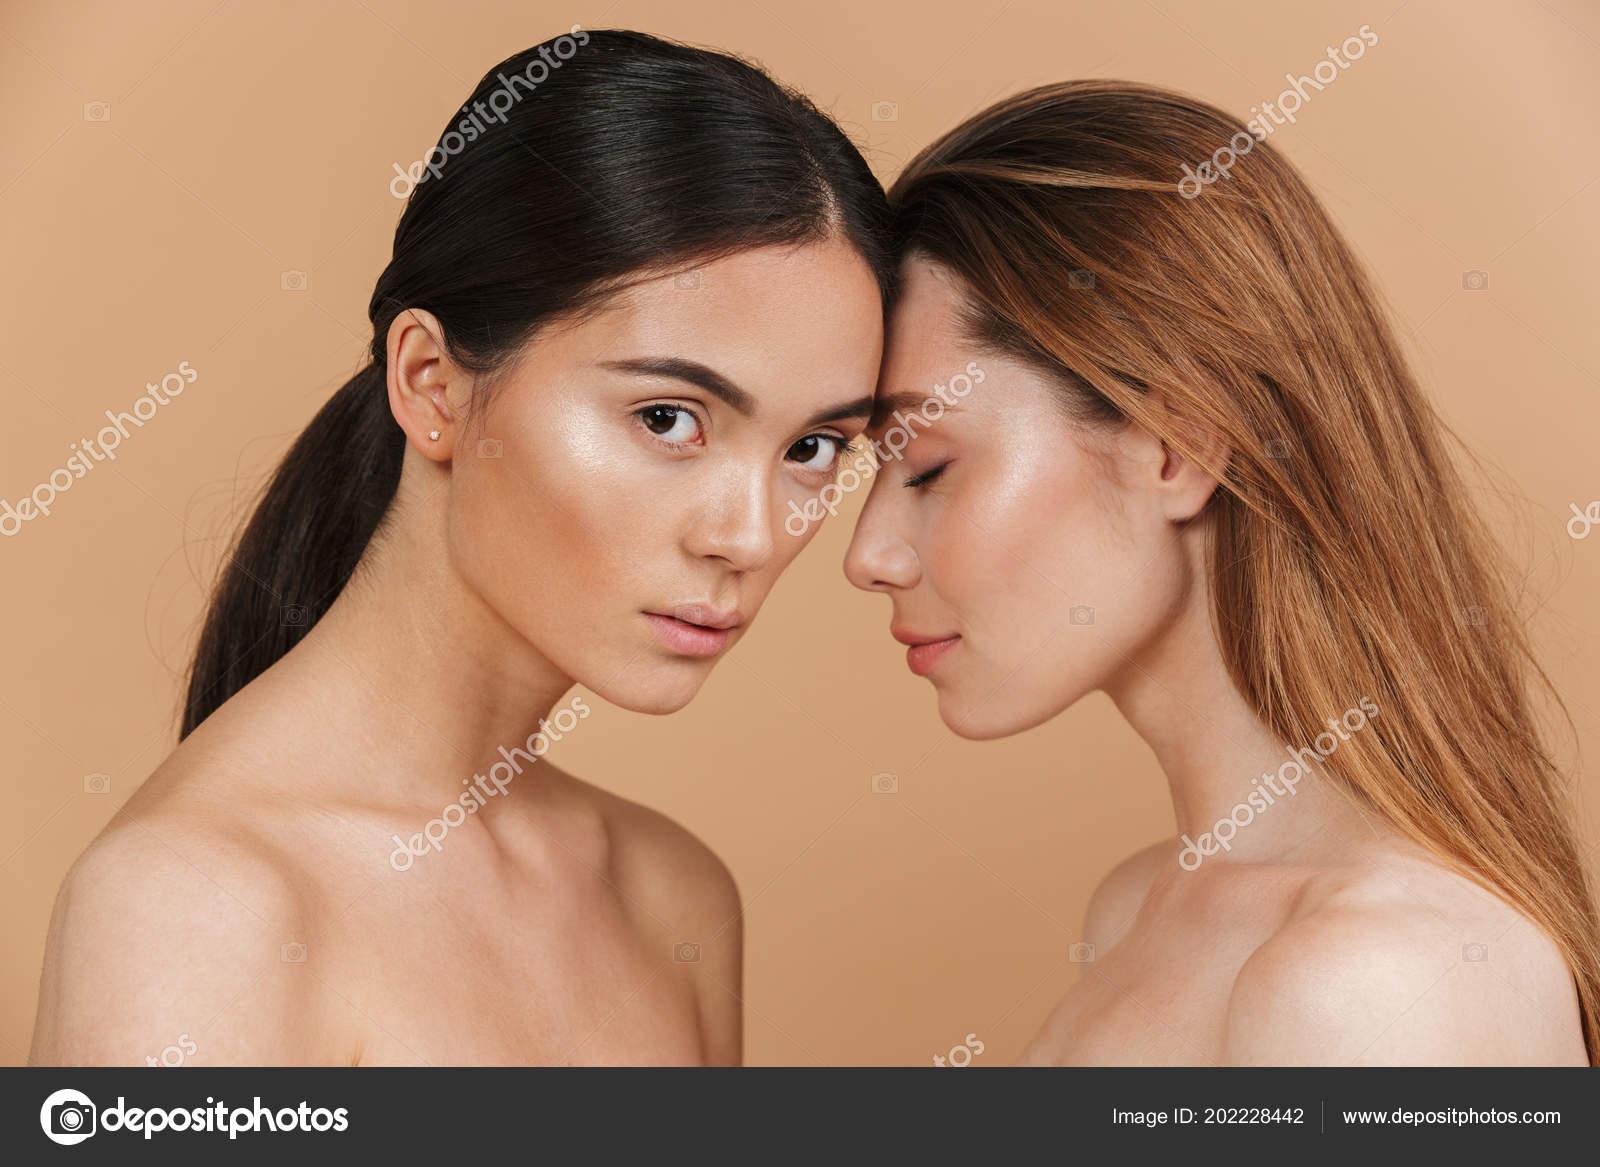 Διαφυλετικό ασιατικό σεξ φωτογραφίεςπέος με μεγάλο κεφάλι